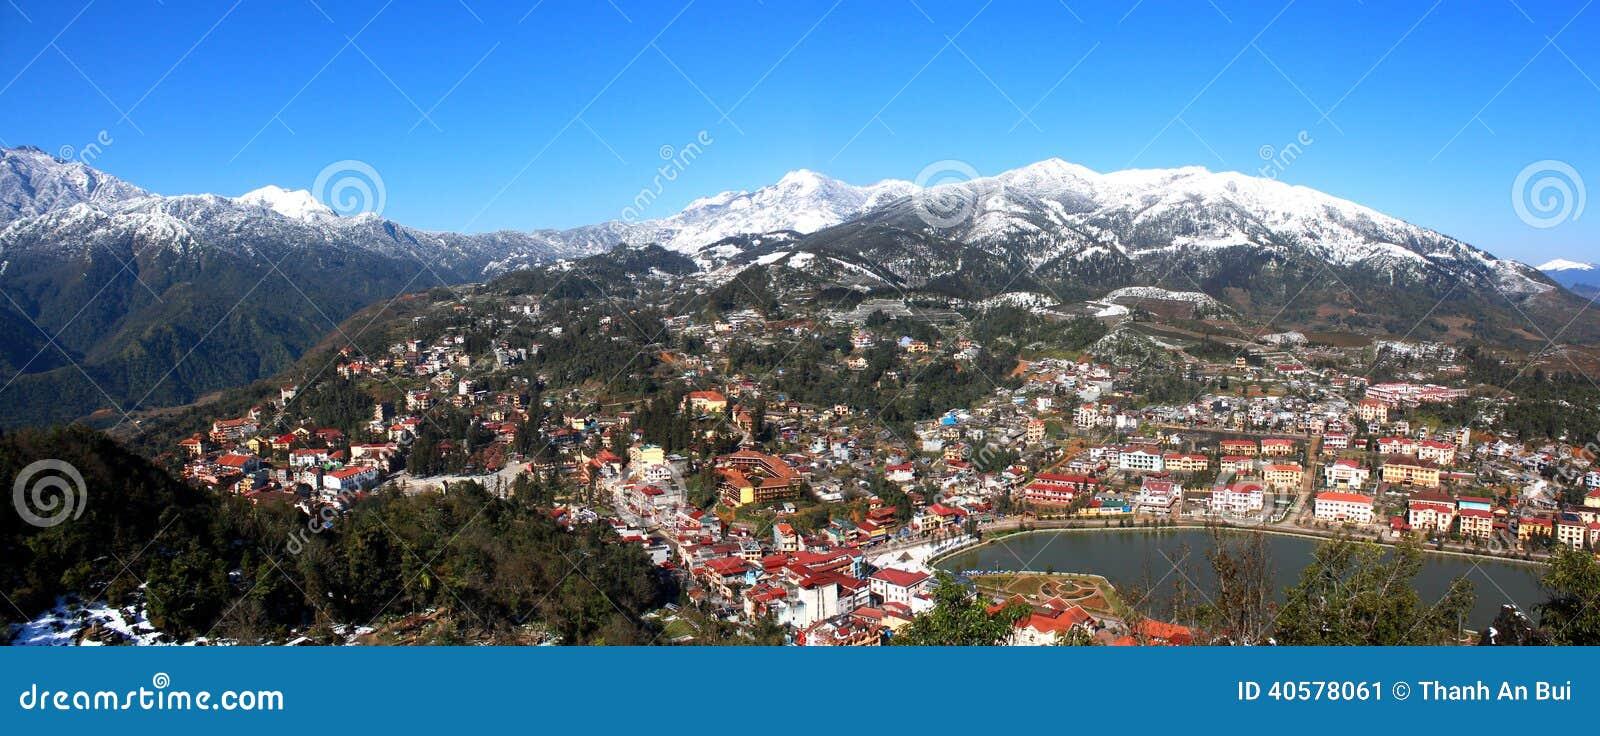 美丽的Sapa镇